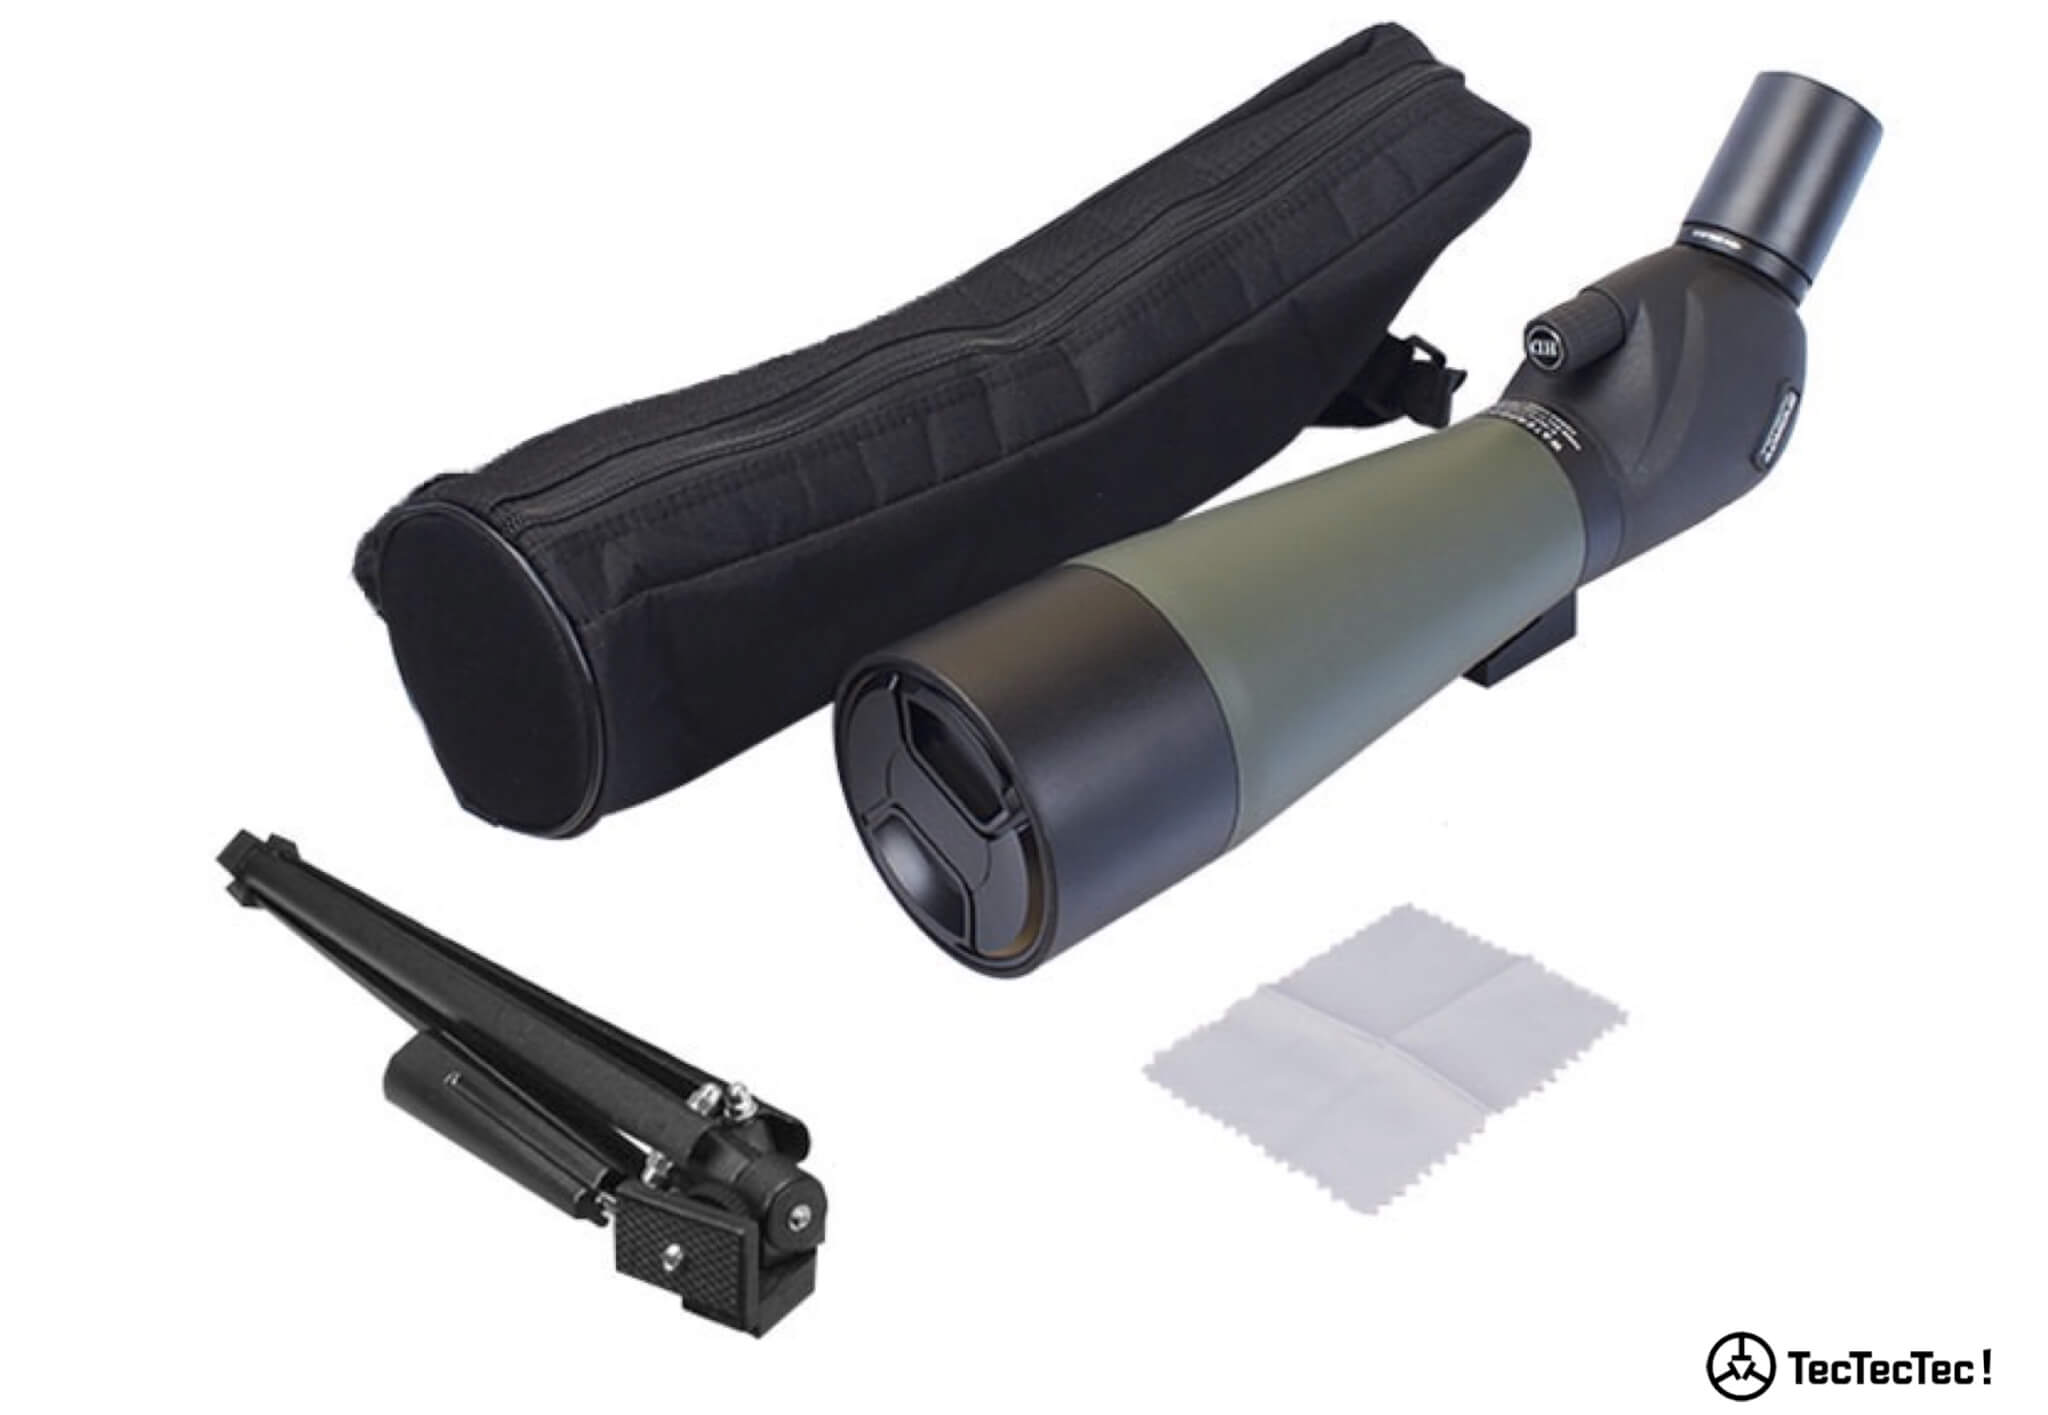 Longue-Vue-TecTecTec-MPRO2-Longue-Vue-60x80-grossissement-extrême-clarté-extrême-avec-trépied-et-sac-de-transport-zoom-optique6